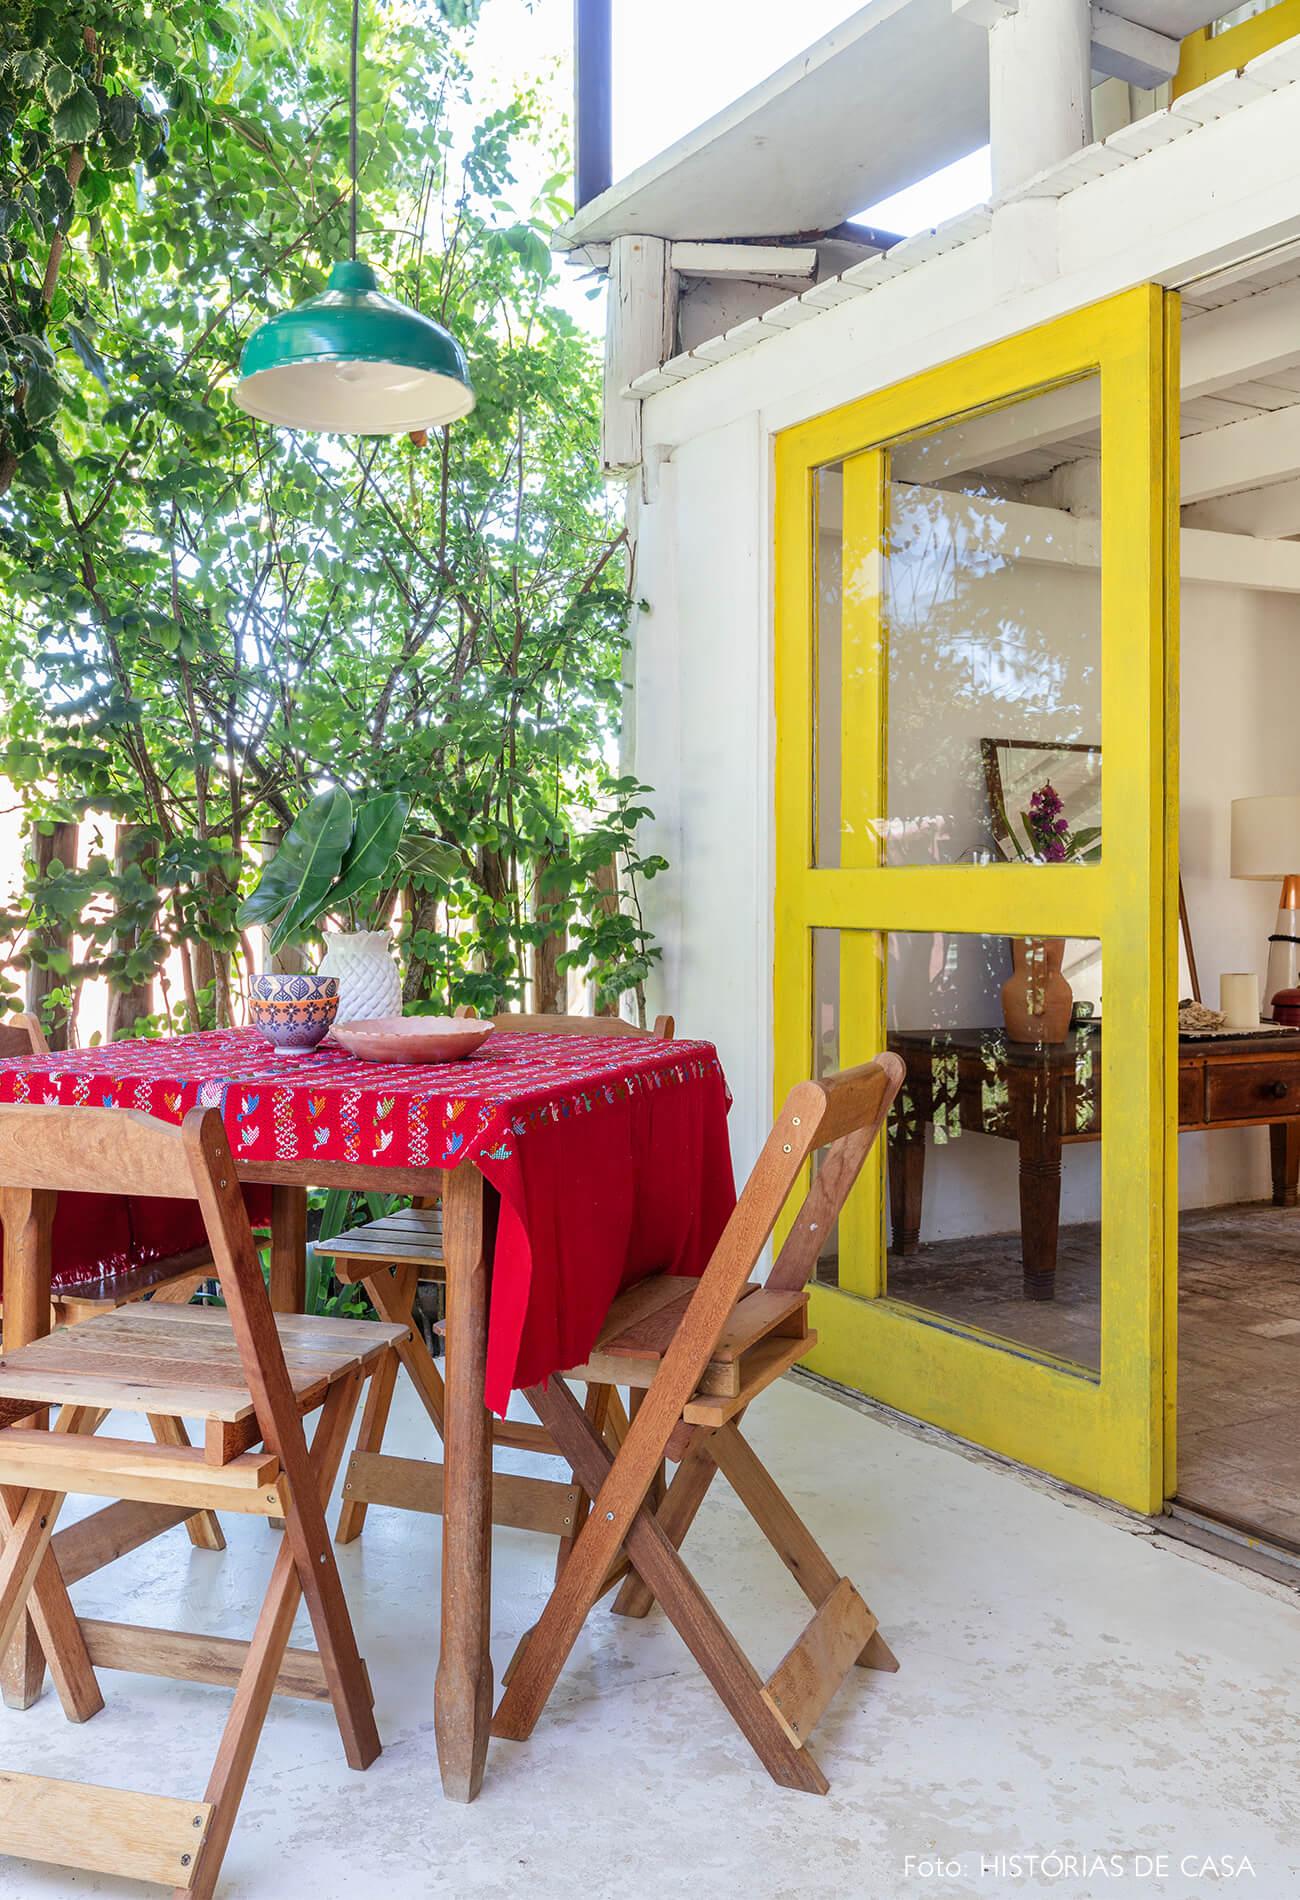 flavia-decoração-trancoso-varanda-com-mesa-de-madeira-e-porta-amarela